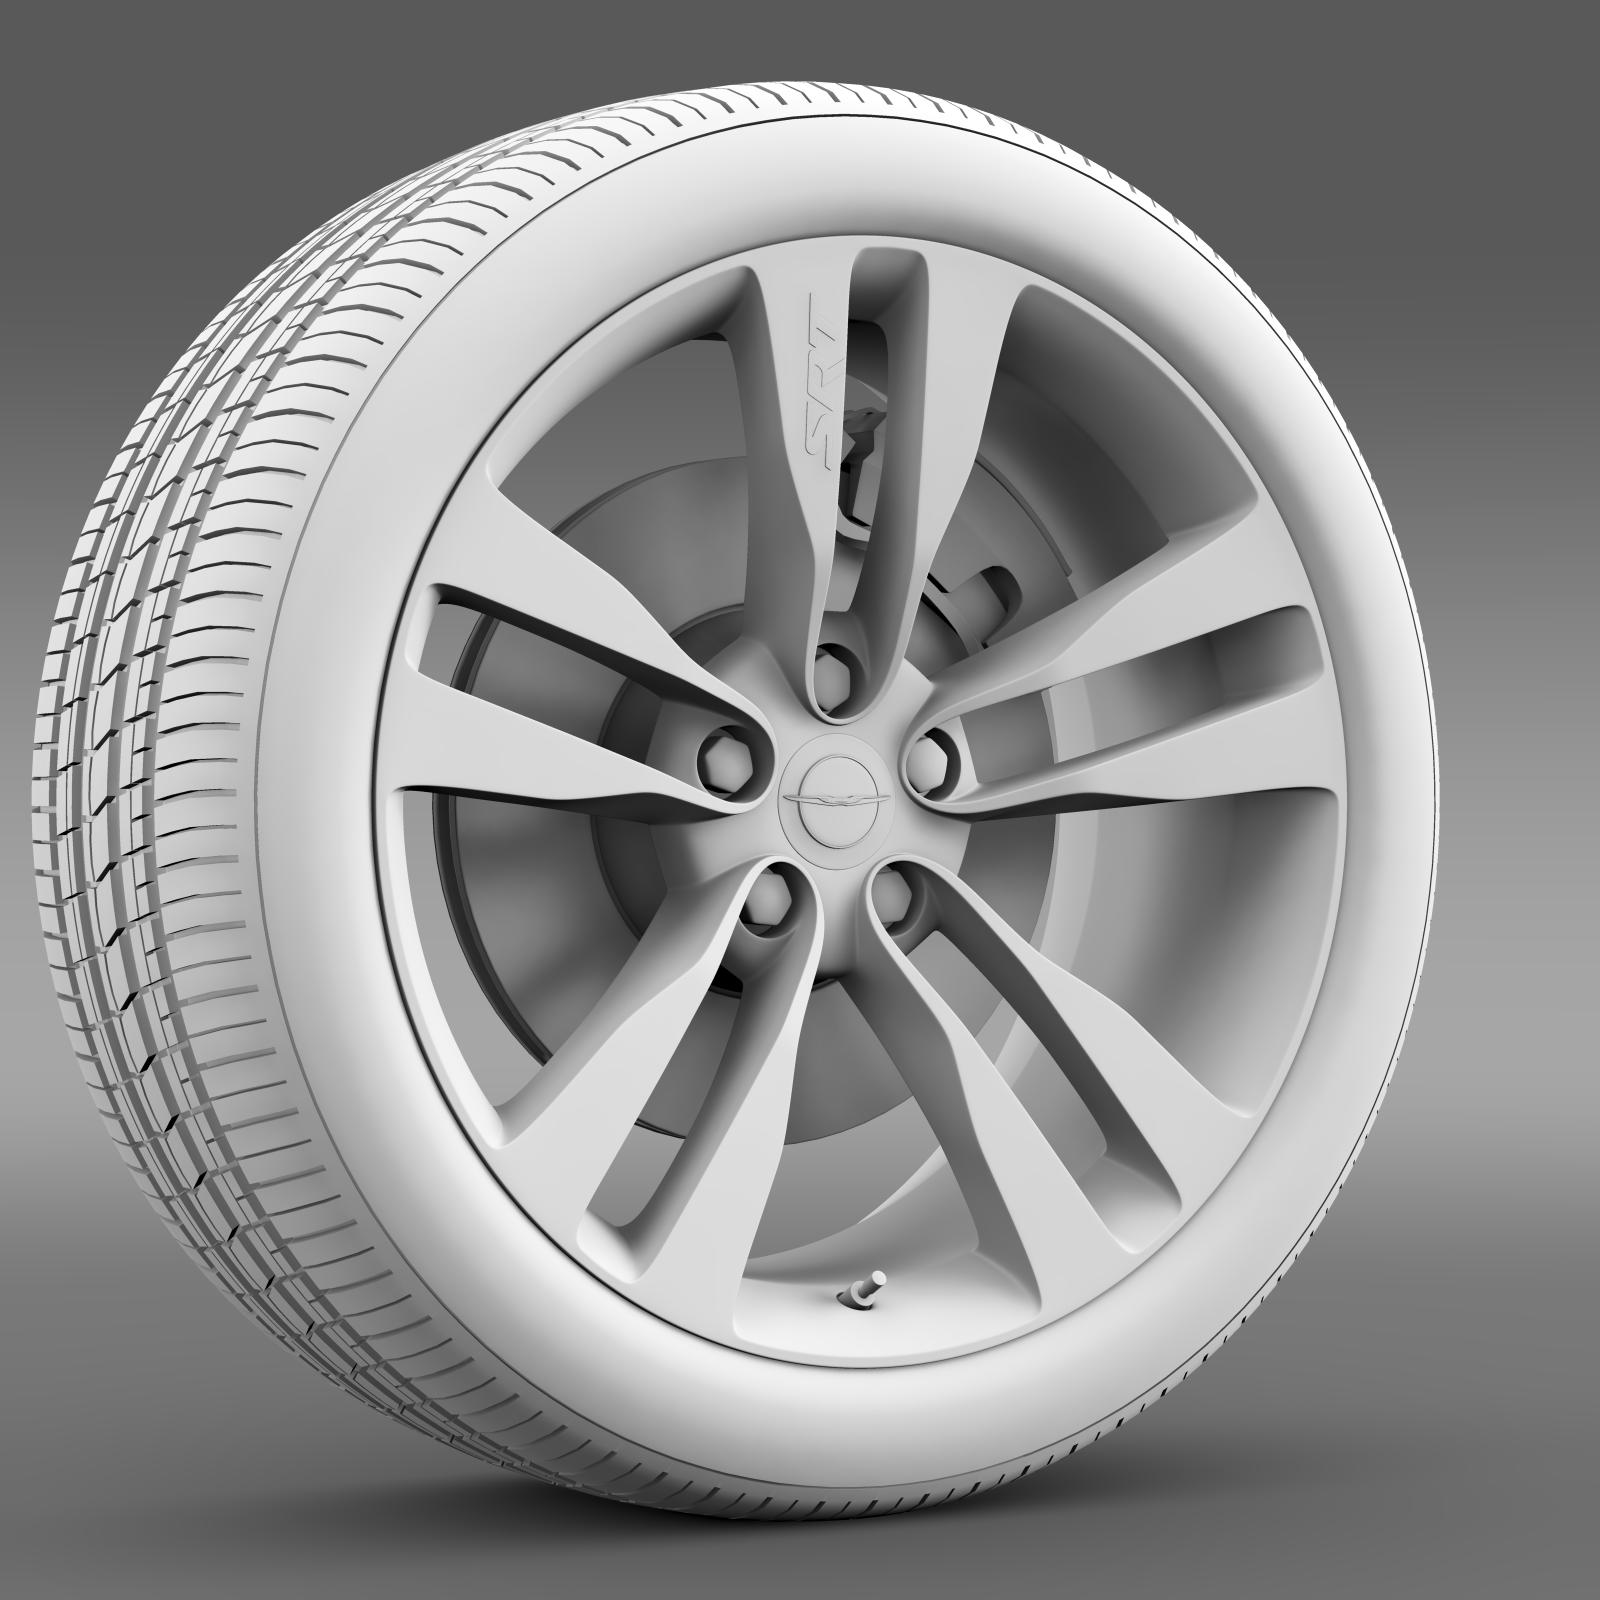 chrysler 300 srt8 satin vapor wheel 3d model 3ds max fbx c4d lwo ma mb hrc xsi obj 210648